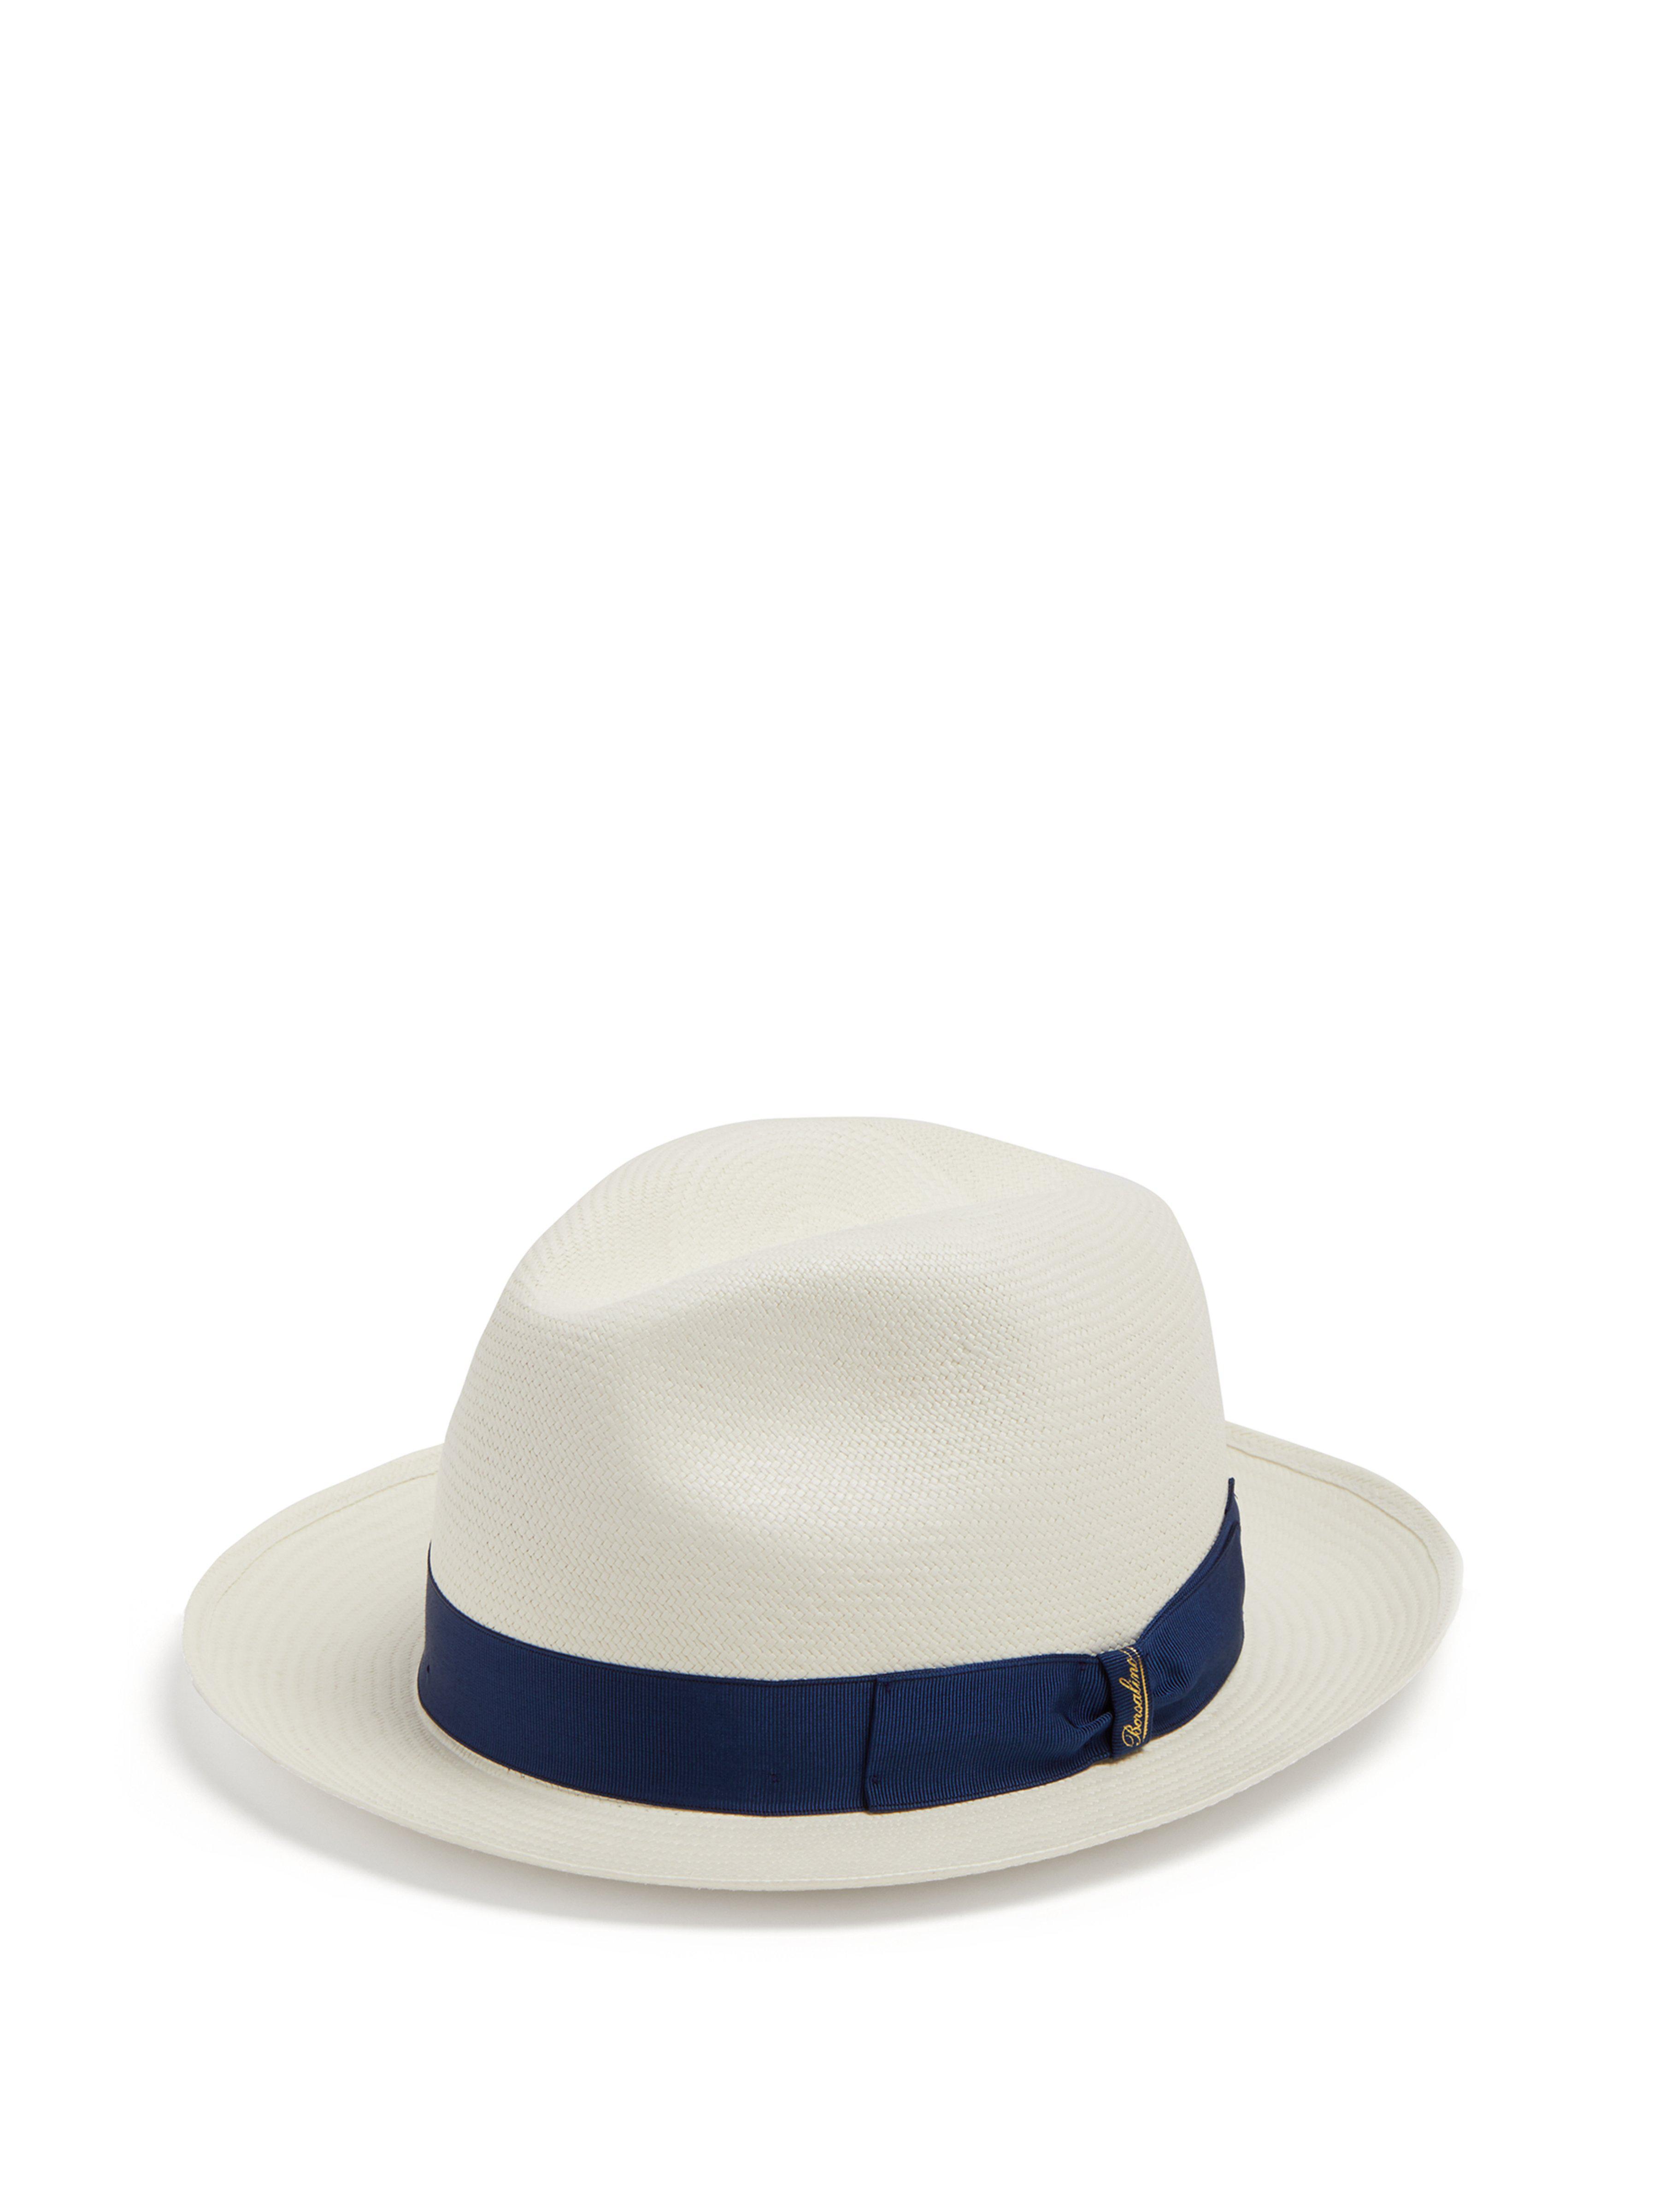 dda7740a60e73 Borsalino Fine Panama Hat in Blue for Men - Lyst